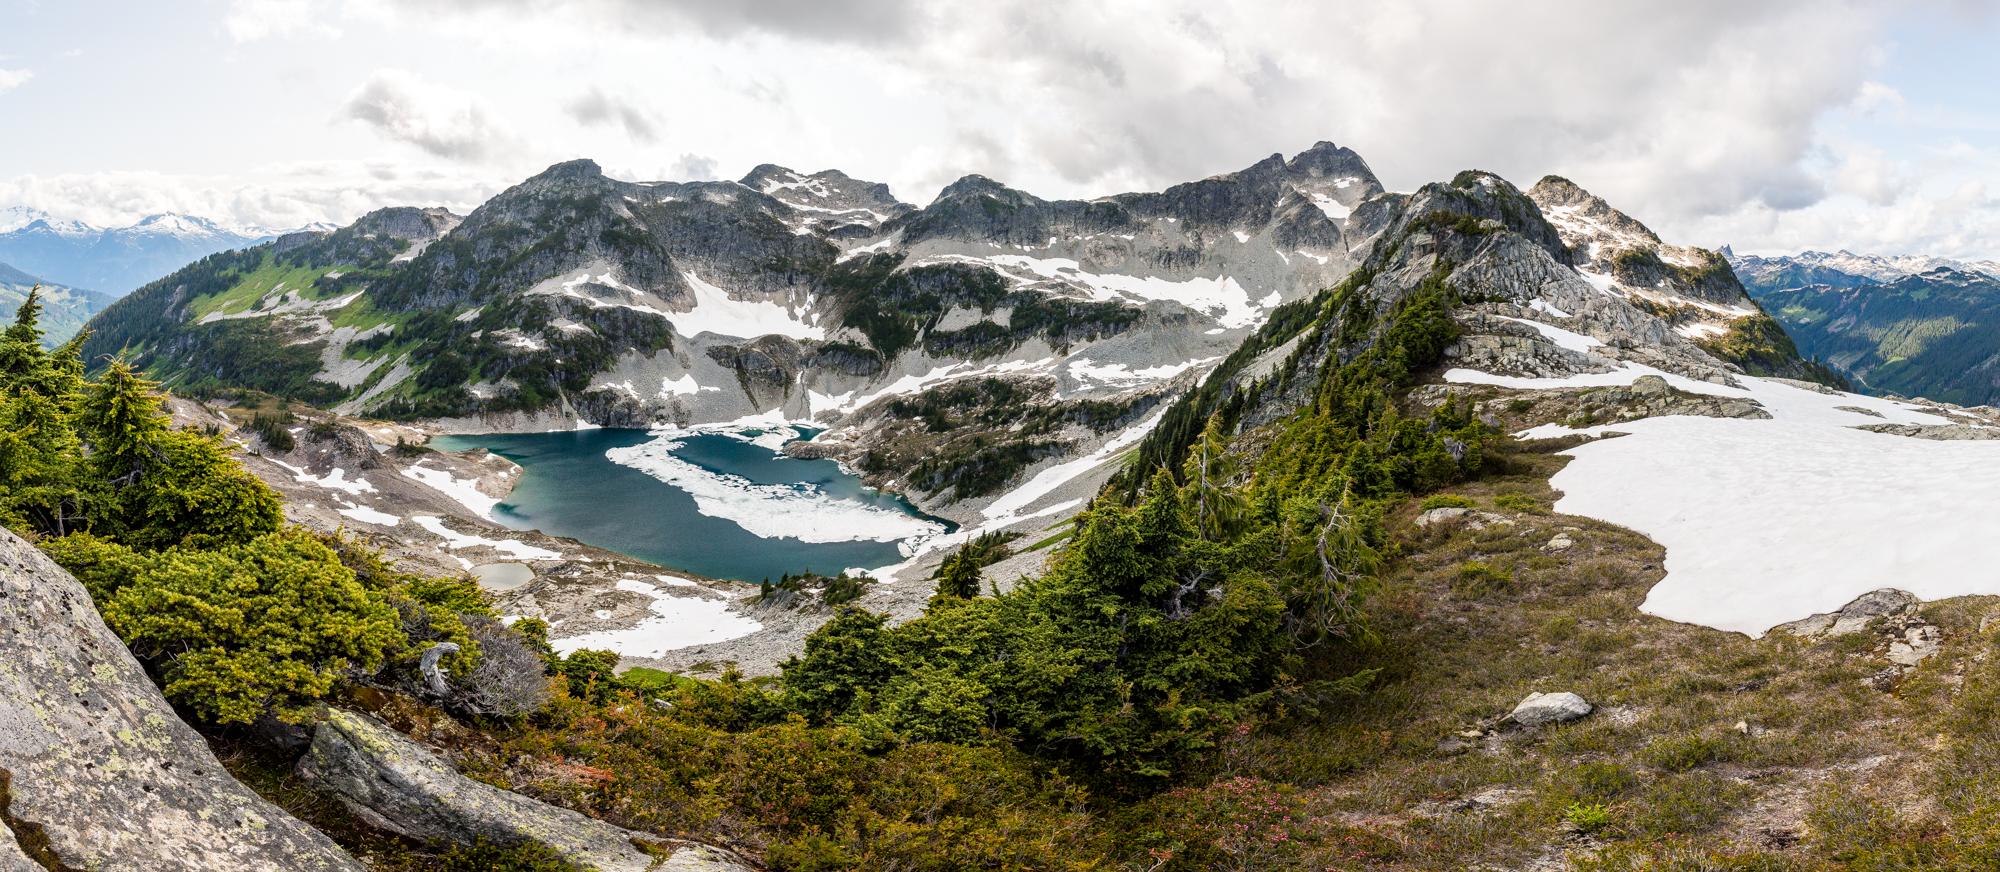 Alpine Scenics